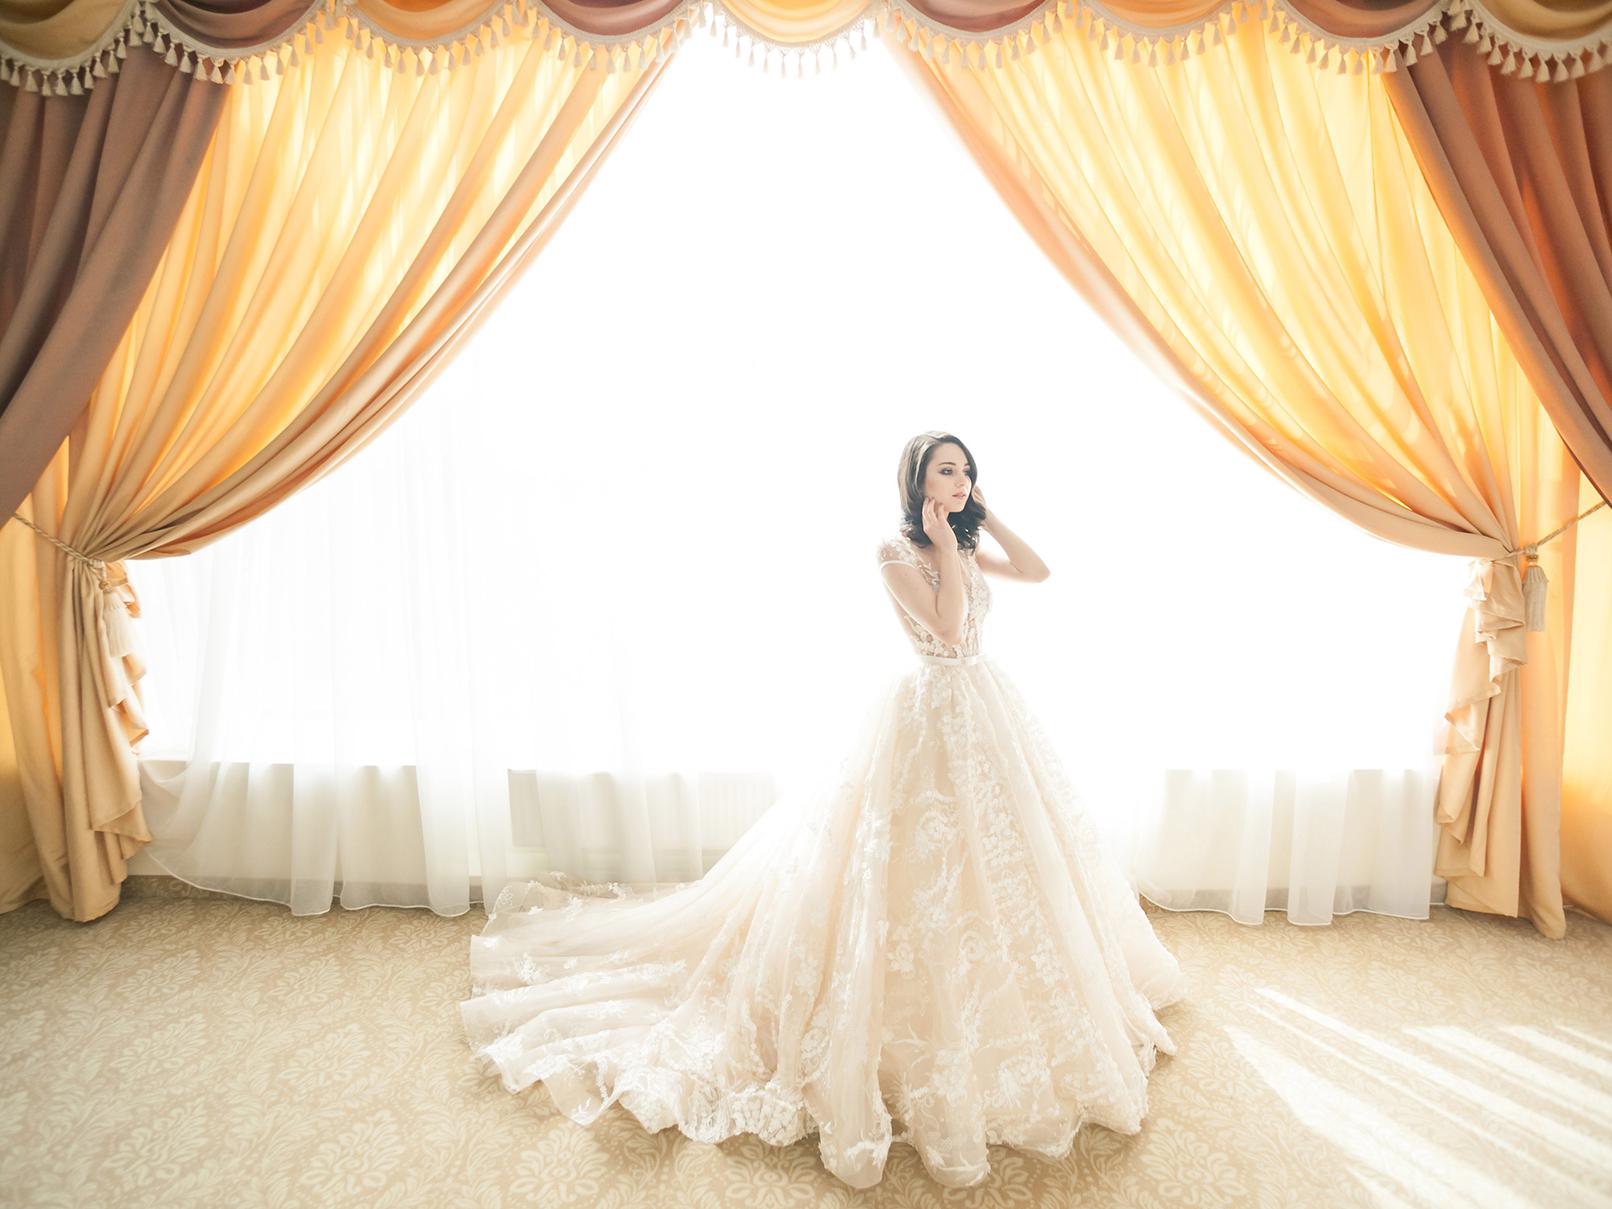 Brautkleider – Formen, Schnitte und Stile für Deinen Figurtyp Bilder